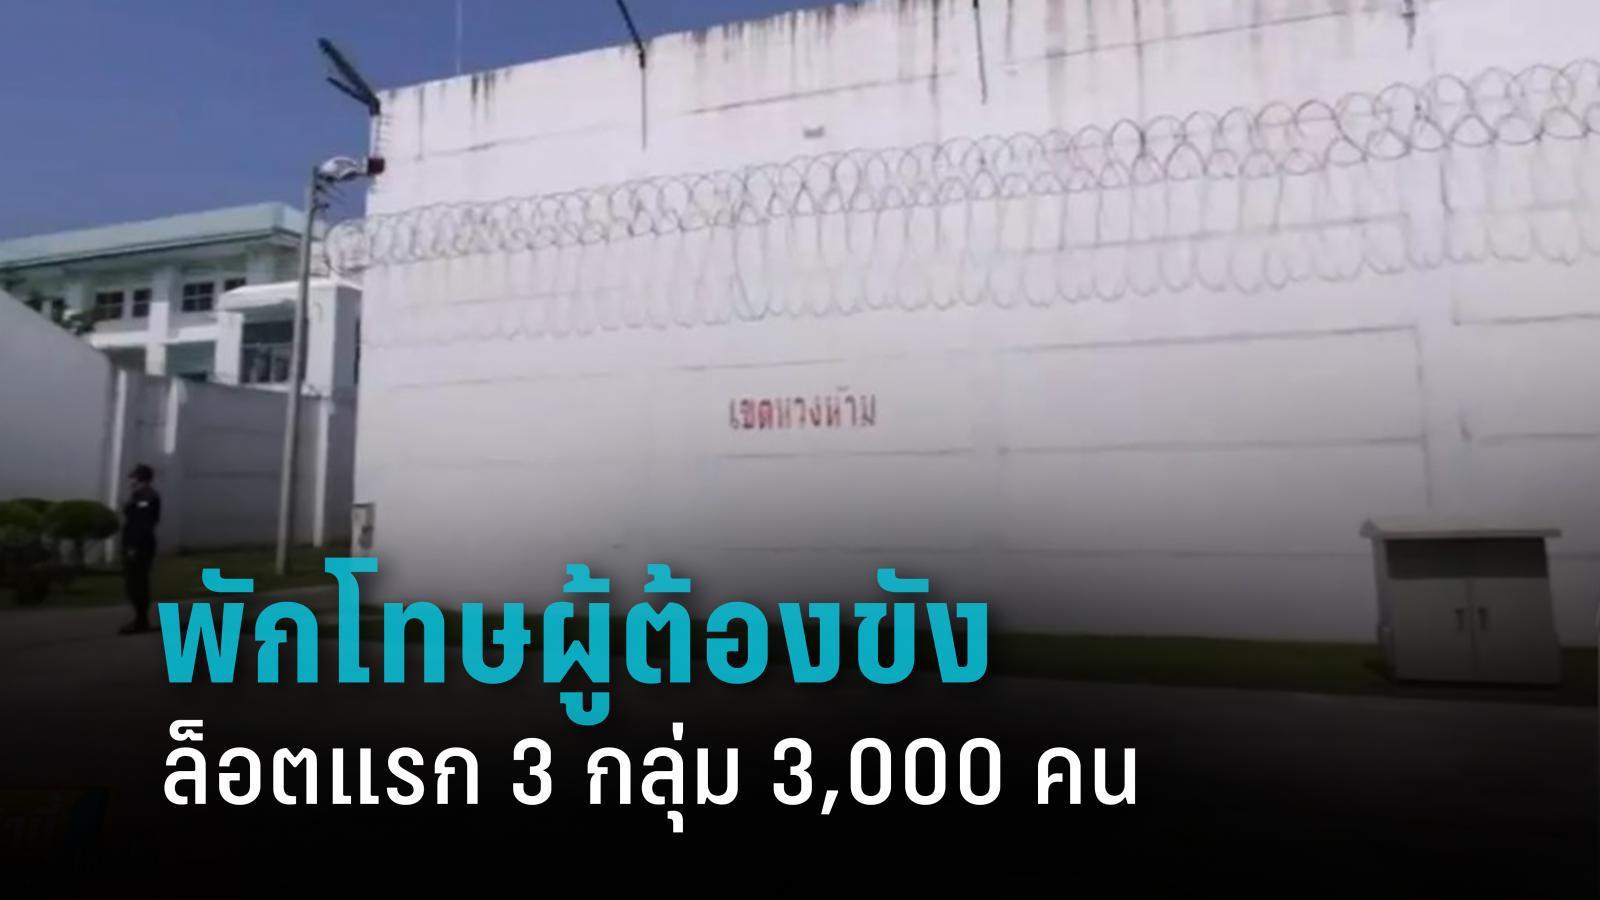 กรมราชทัณฑ์ พักโทษผู้ต้องขัง ล็อตแรก 3 กลุ่ม 3,000 คน ติดกำไลอีเอ็ม